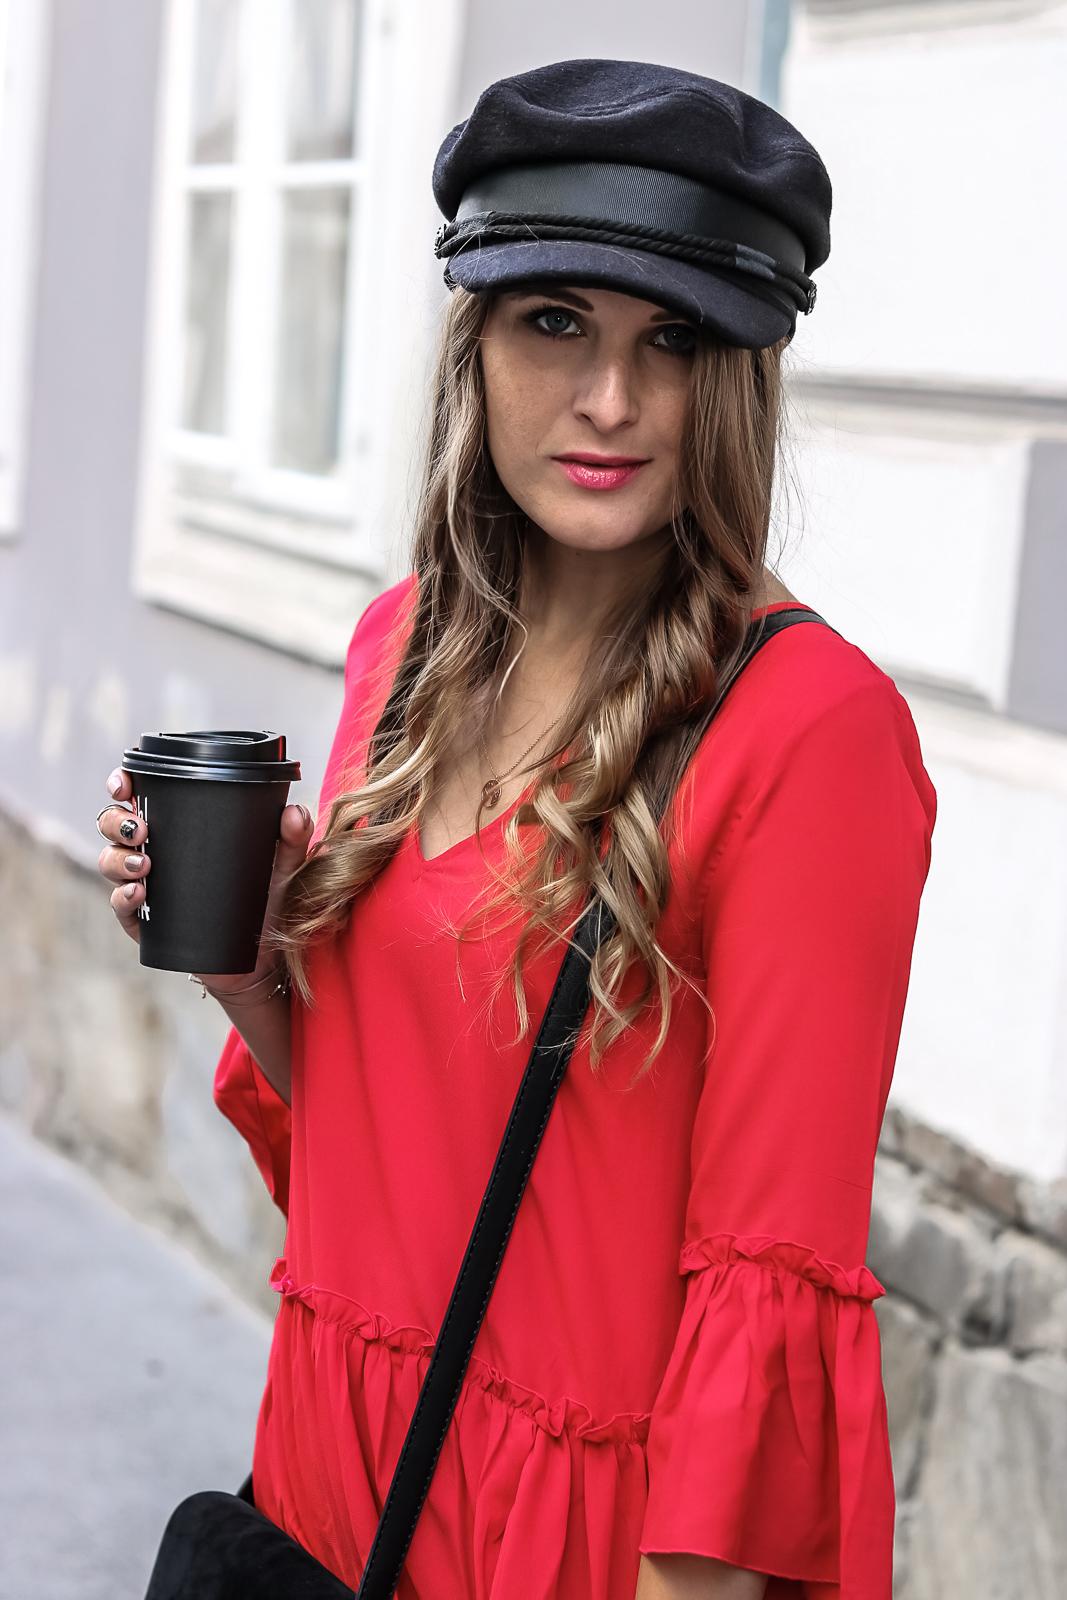 Rotes Kleid kombinieren - so gelingt dir ein stylischer Look - so kombinierst du dein rotes Kleid am besten - Rotes Kleid mit Schwarz kombinieren - Outfit Kombi mit rotem Kleid - Das Rote Kleid kombinieren - Fashionladyloves by Tamara Wagner Fashion Blog